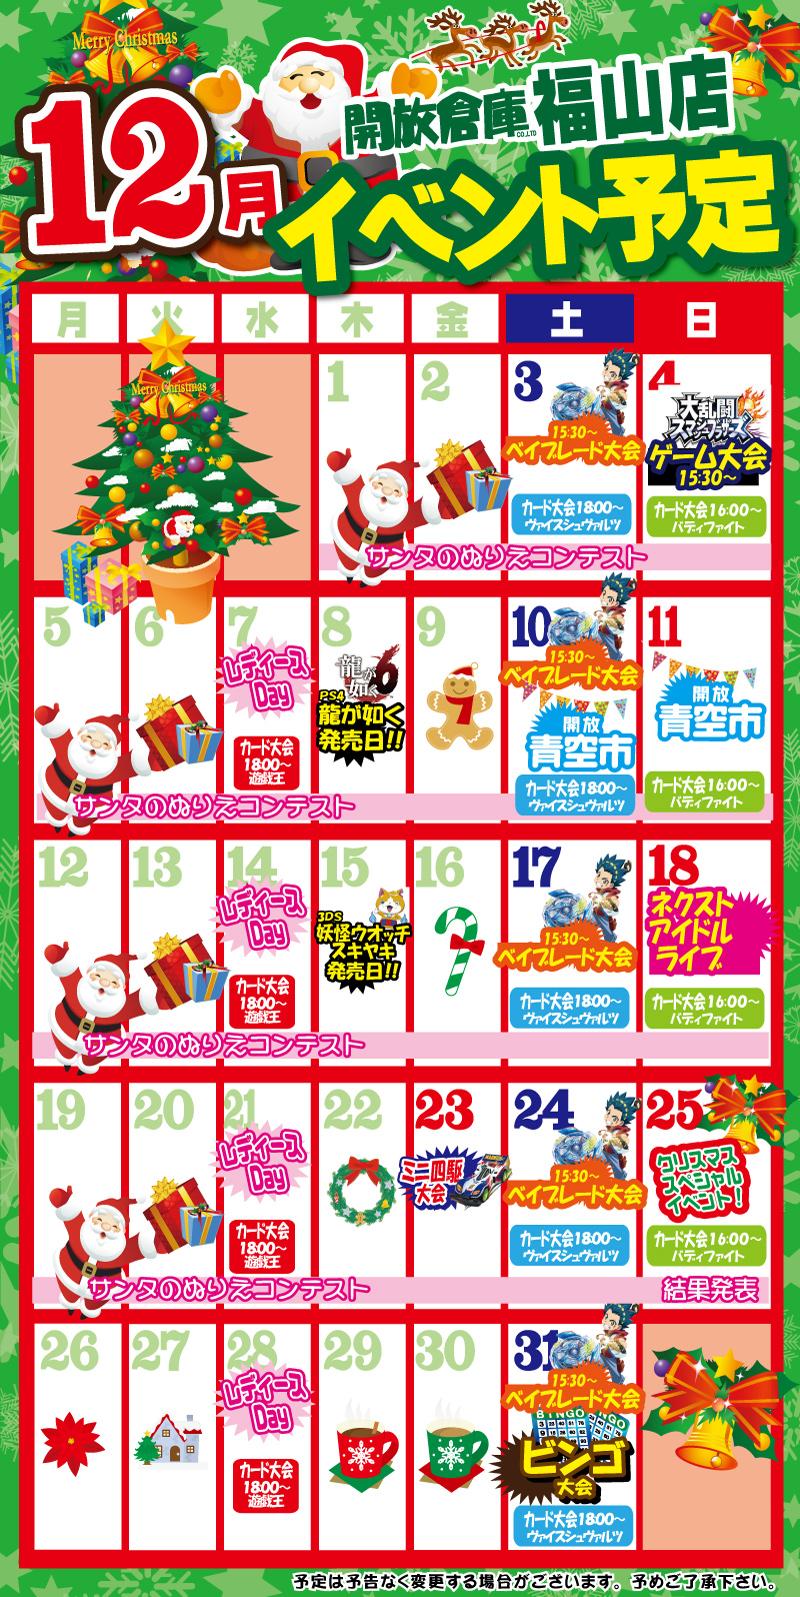 「開放倉庫福山店」2016年12月のイベントカレンダー公開!